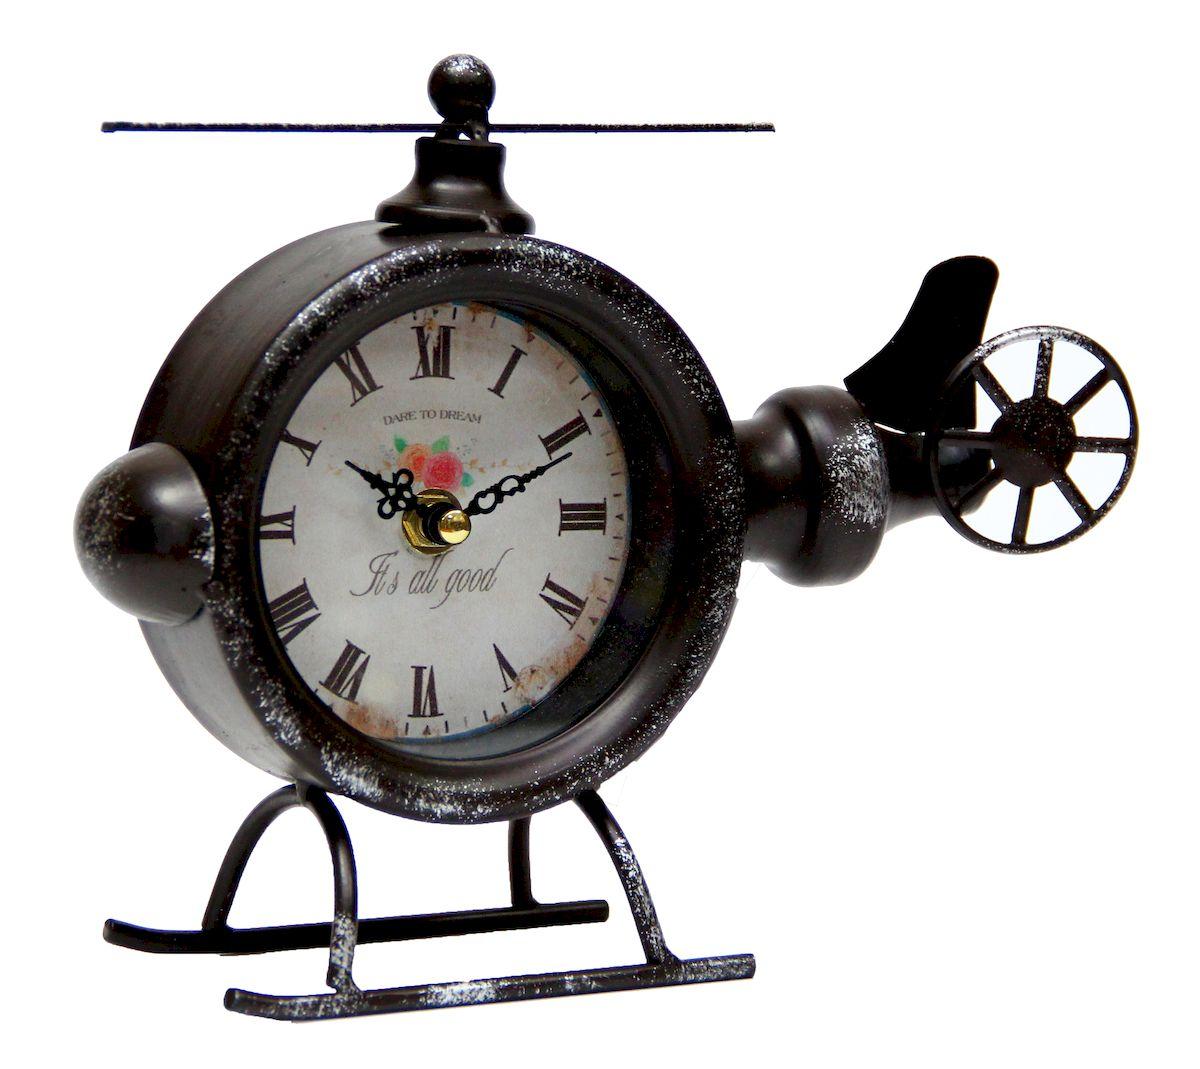 Часы настольные Magic Home Вертолет, кварцевые, цвет: черный41500Настольные кварцевые часы Magic Home Вертолет изготовлены из металла черного цвета, циферблат из черного металла с покрытием из принтованной бумаги. Настольные часы Magic Home Вертолет прекрасно оформят интерьер дома или рабочий стол в офисе.Часы работают от одной батарейки типа АА мощностью 1,5V (не входит в комплект).